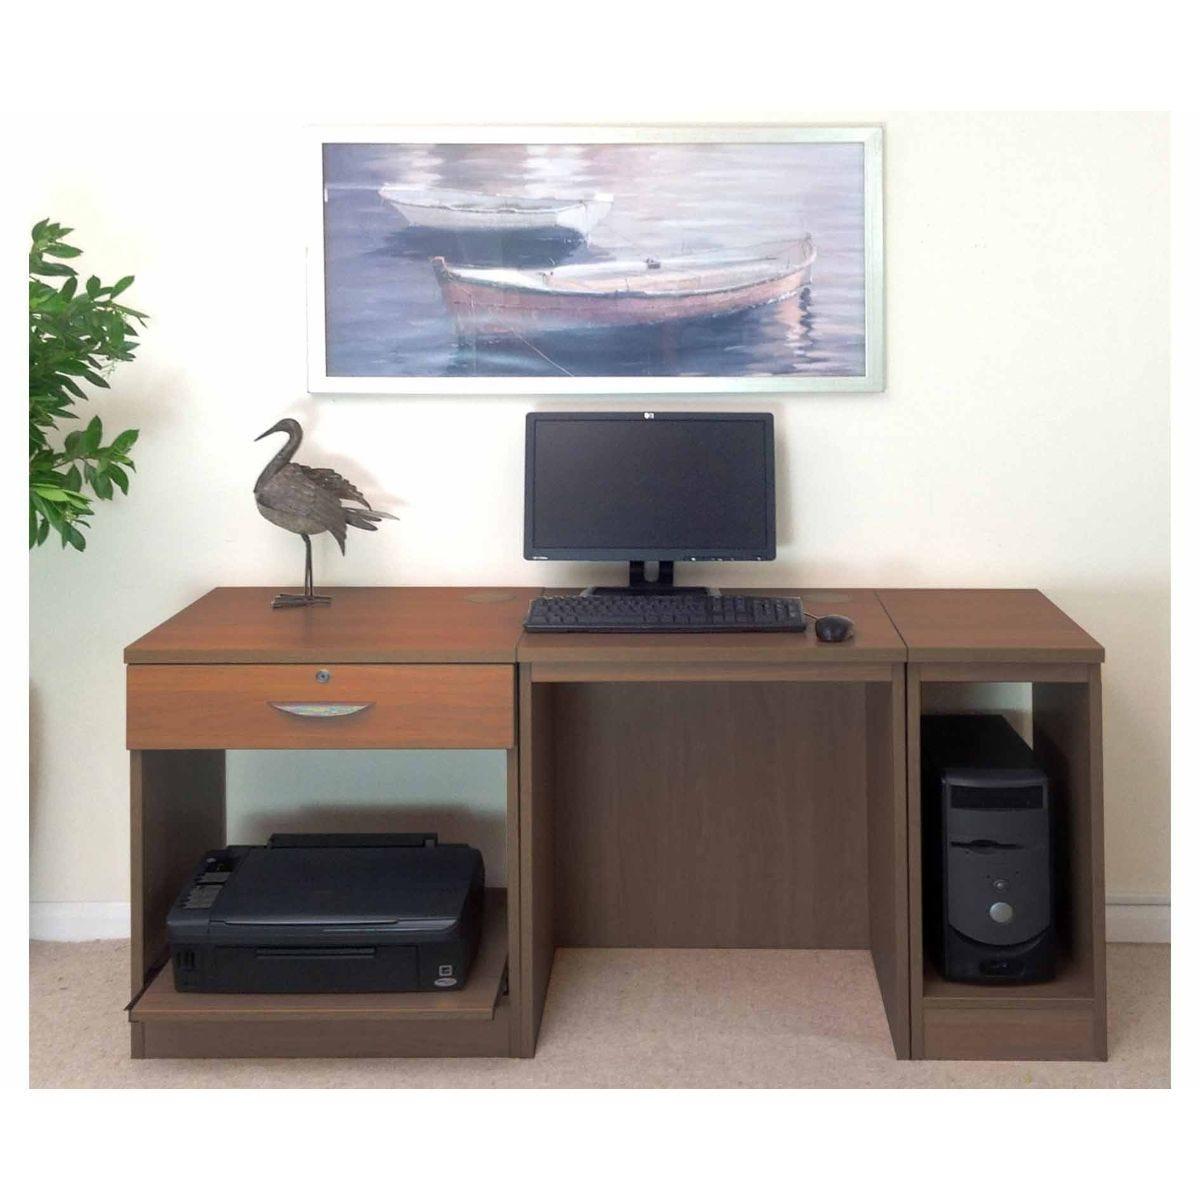 R White Home Office Furniture Desk, Teak Wood Grain